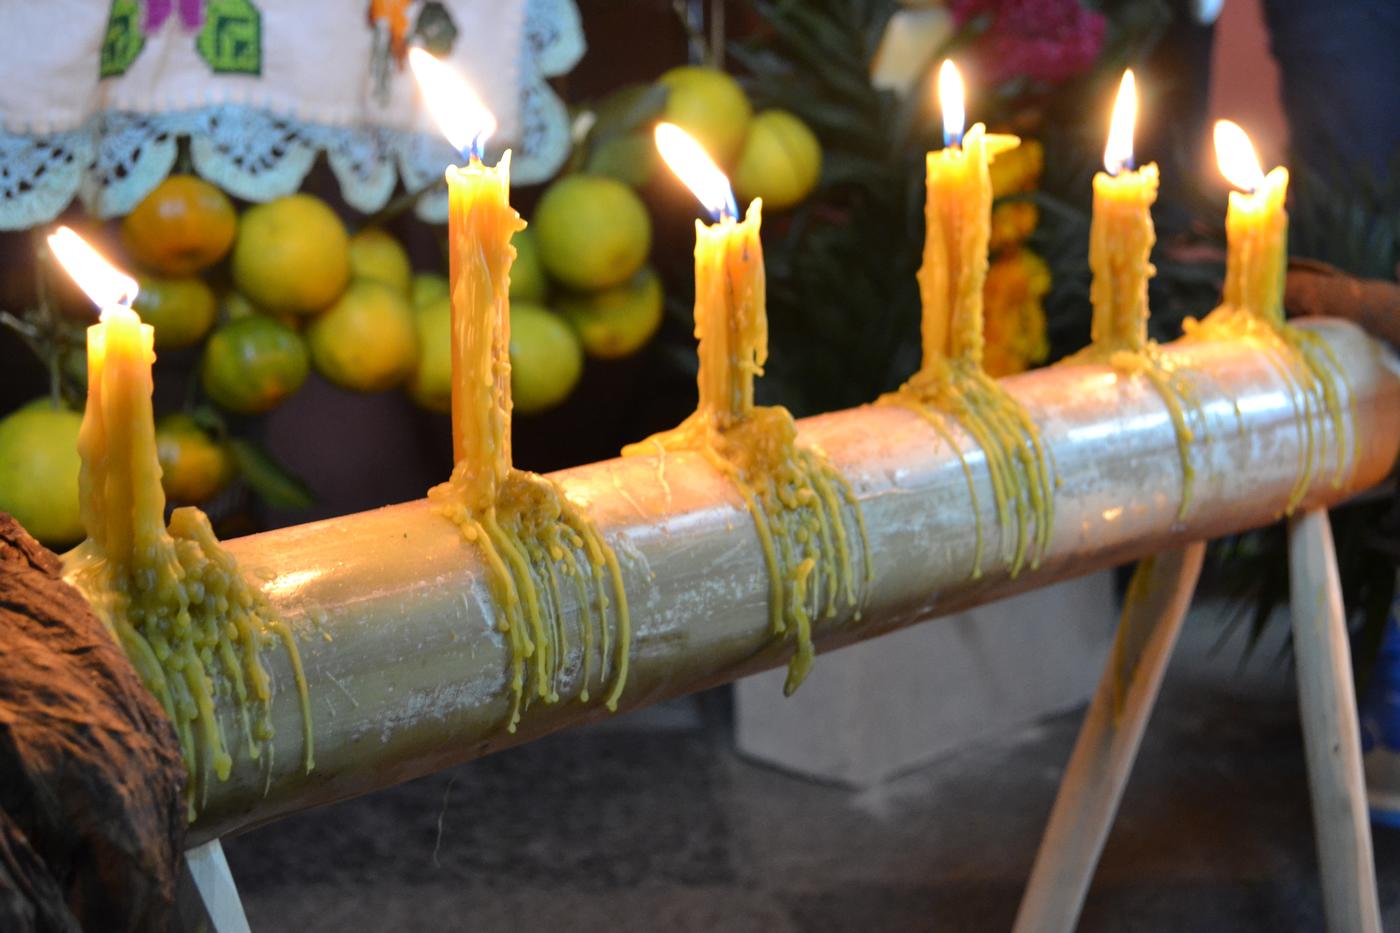 11 Altares Indígenas De Día De Muertos Cuál Quieres Para Recibir A